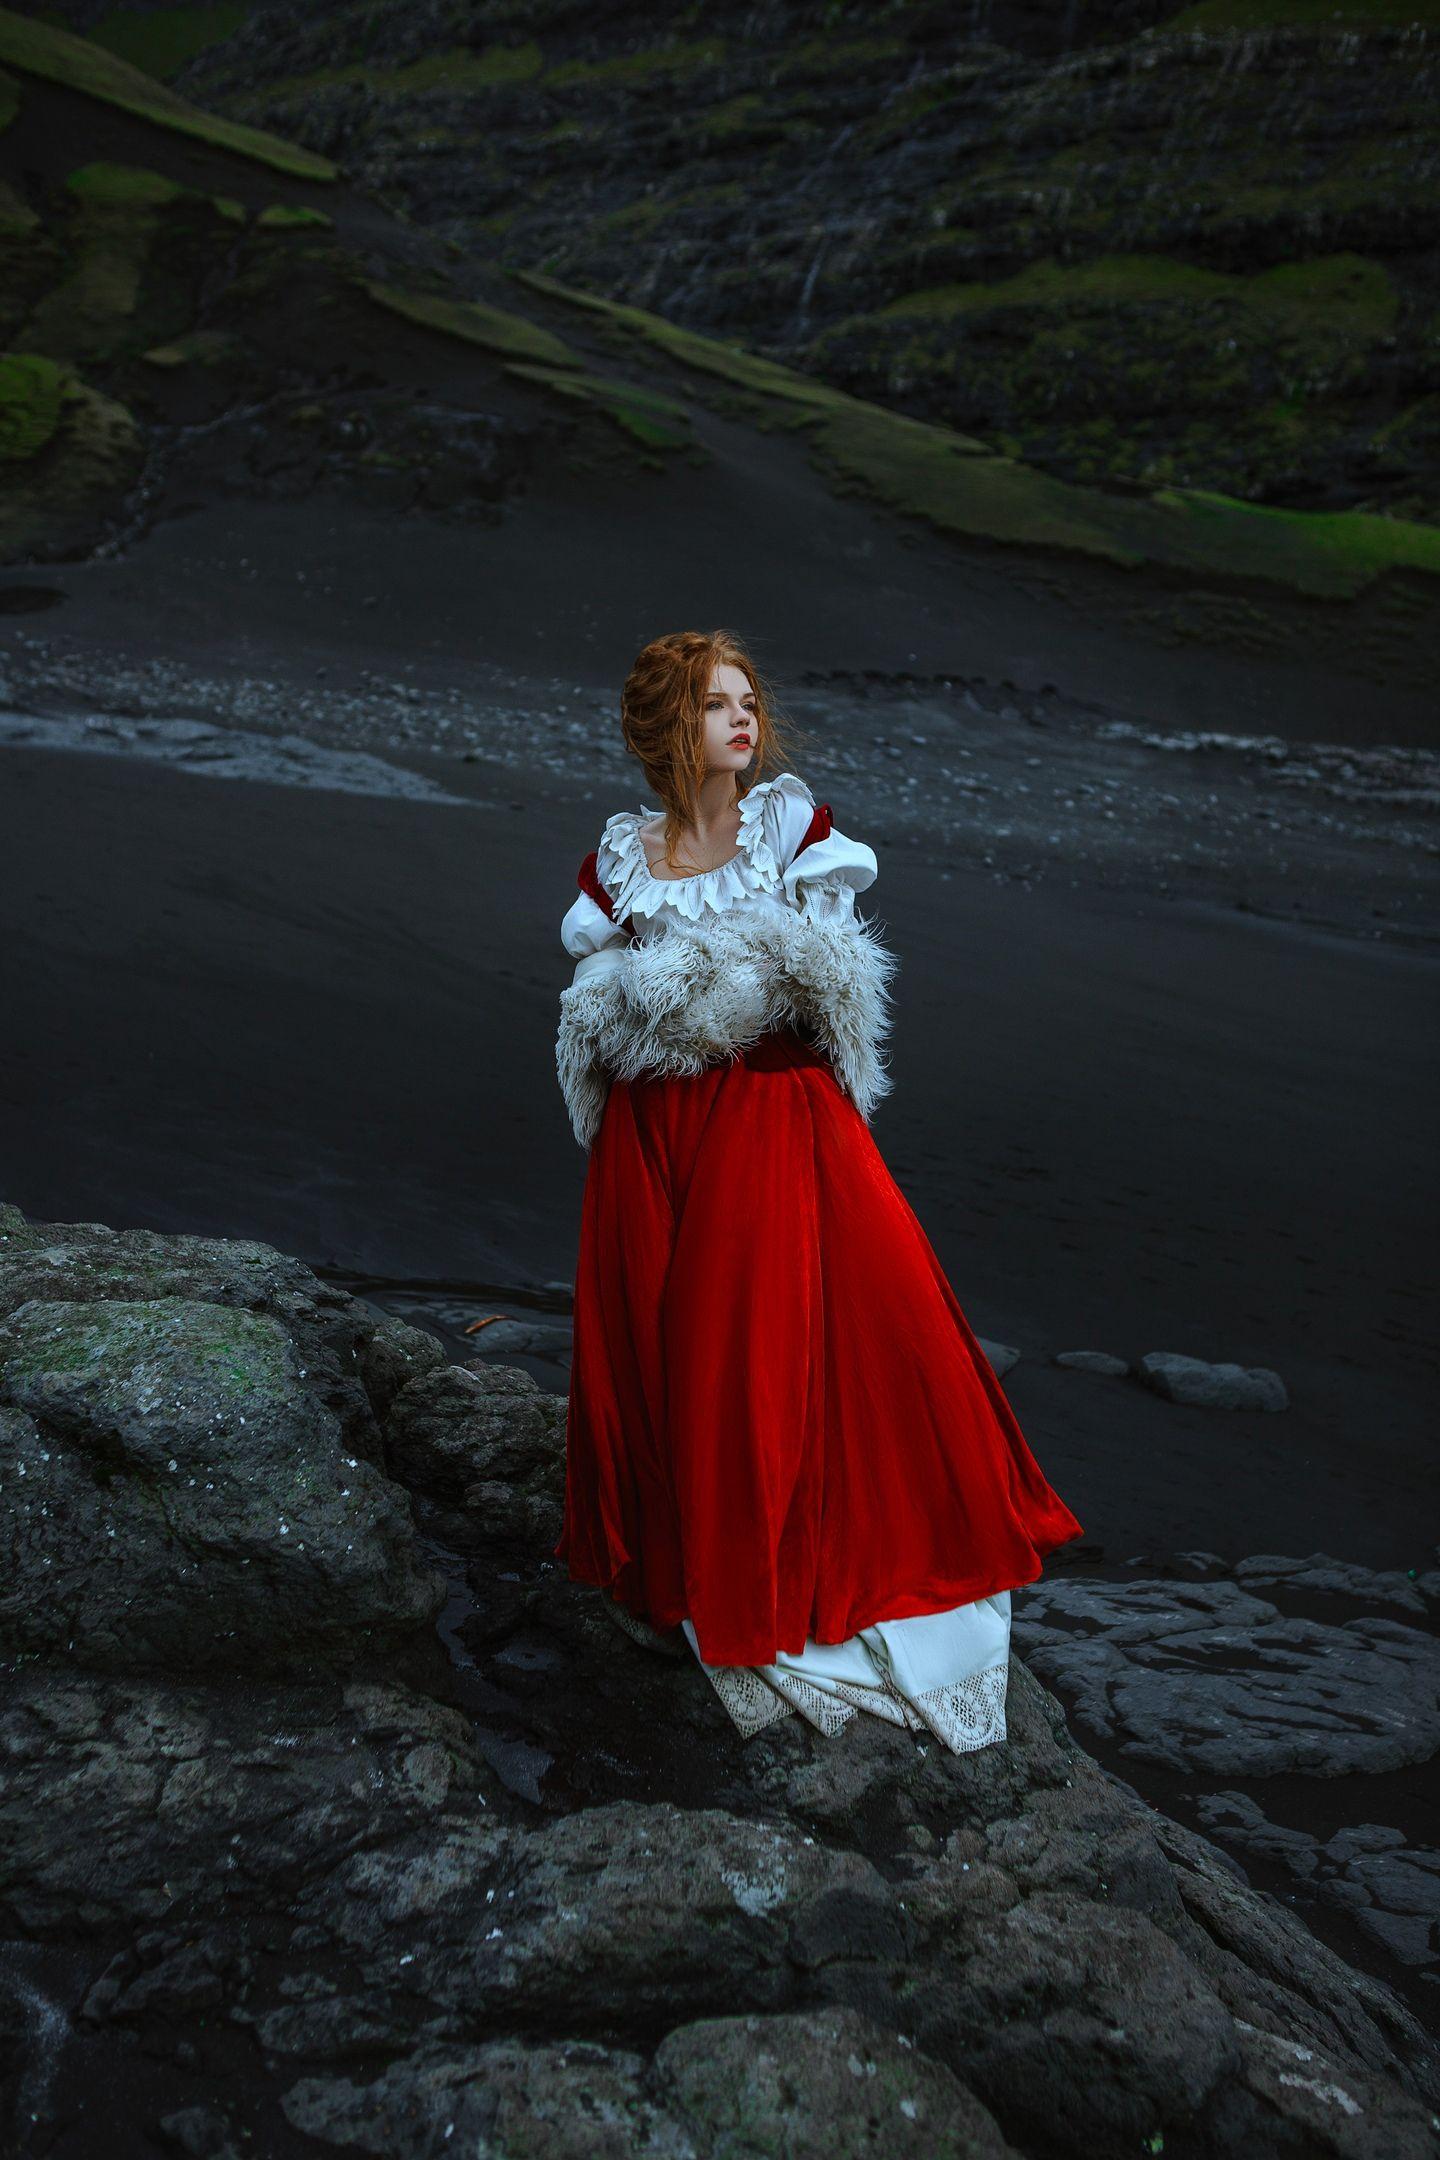 ocean, faroe, model, wind, dress, woman, girl, beauty, motion, rocks, wild, , Клио Катерина